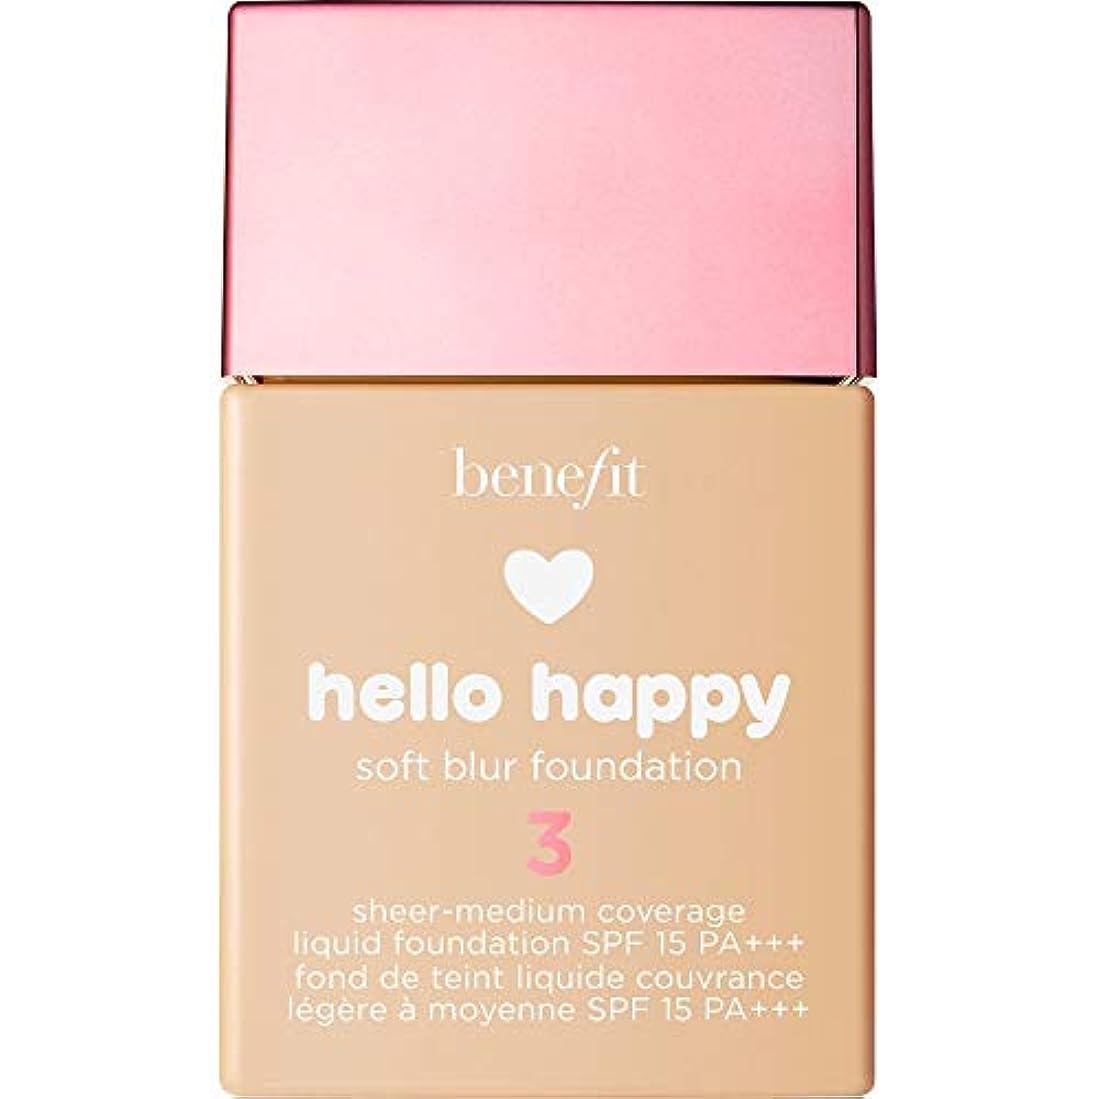 メイエラパラシュート道路[Benefit ] 利益こんにちは幸せなソフトブラー基礎Spf15 30ミリリットル3 - ニュートラルライト - Benefit Hello Happy Soft Blur Foundation SPF15 30ml...